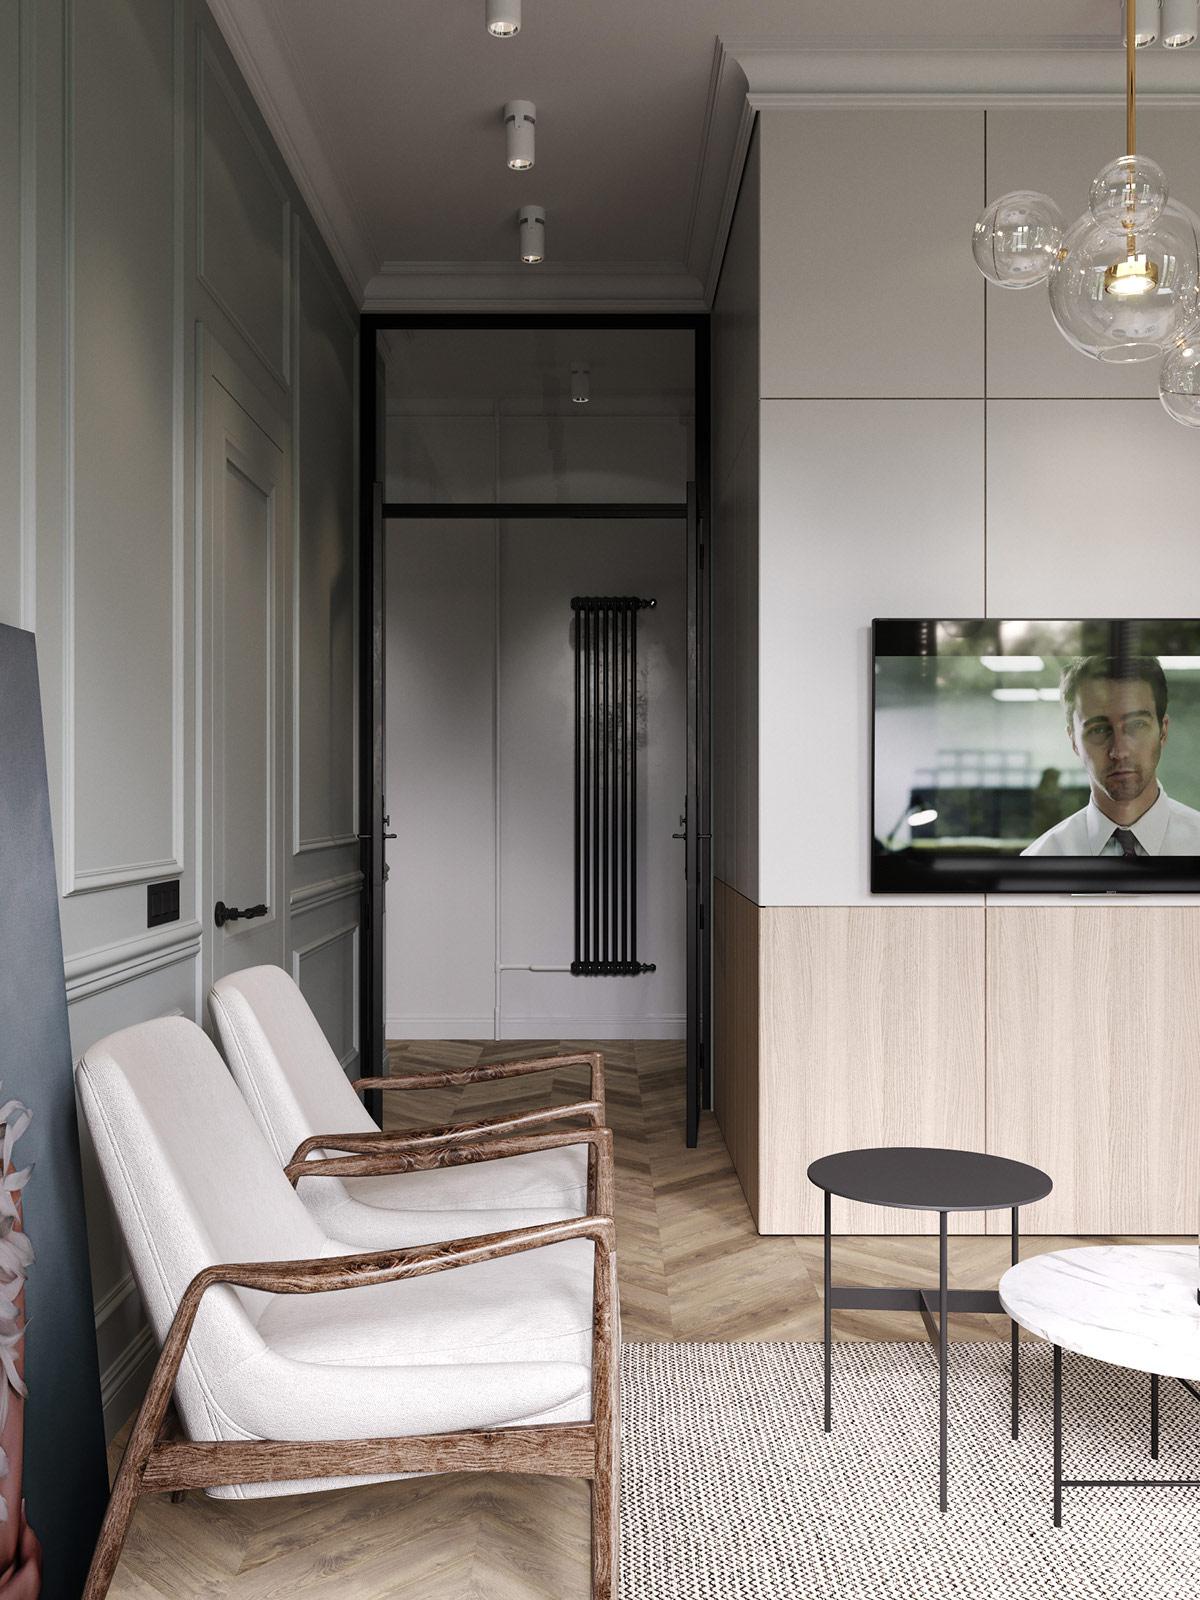 Apartment Interior Under 75 Square Meters (Includes Floor Plan)